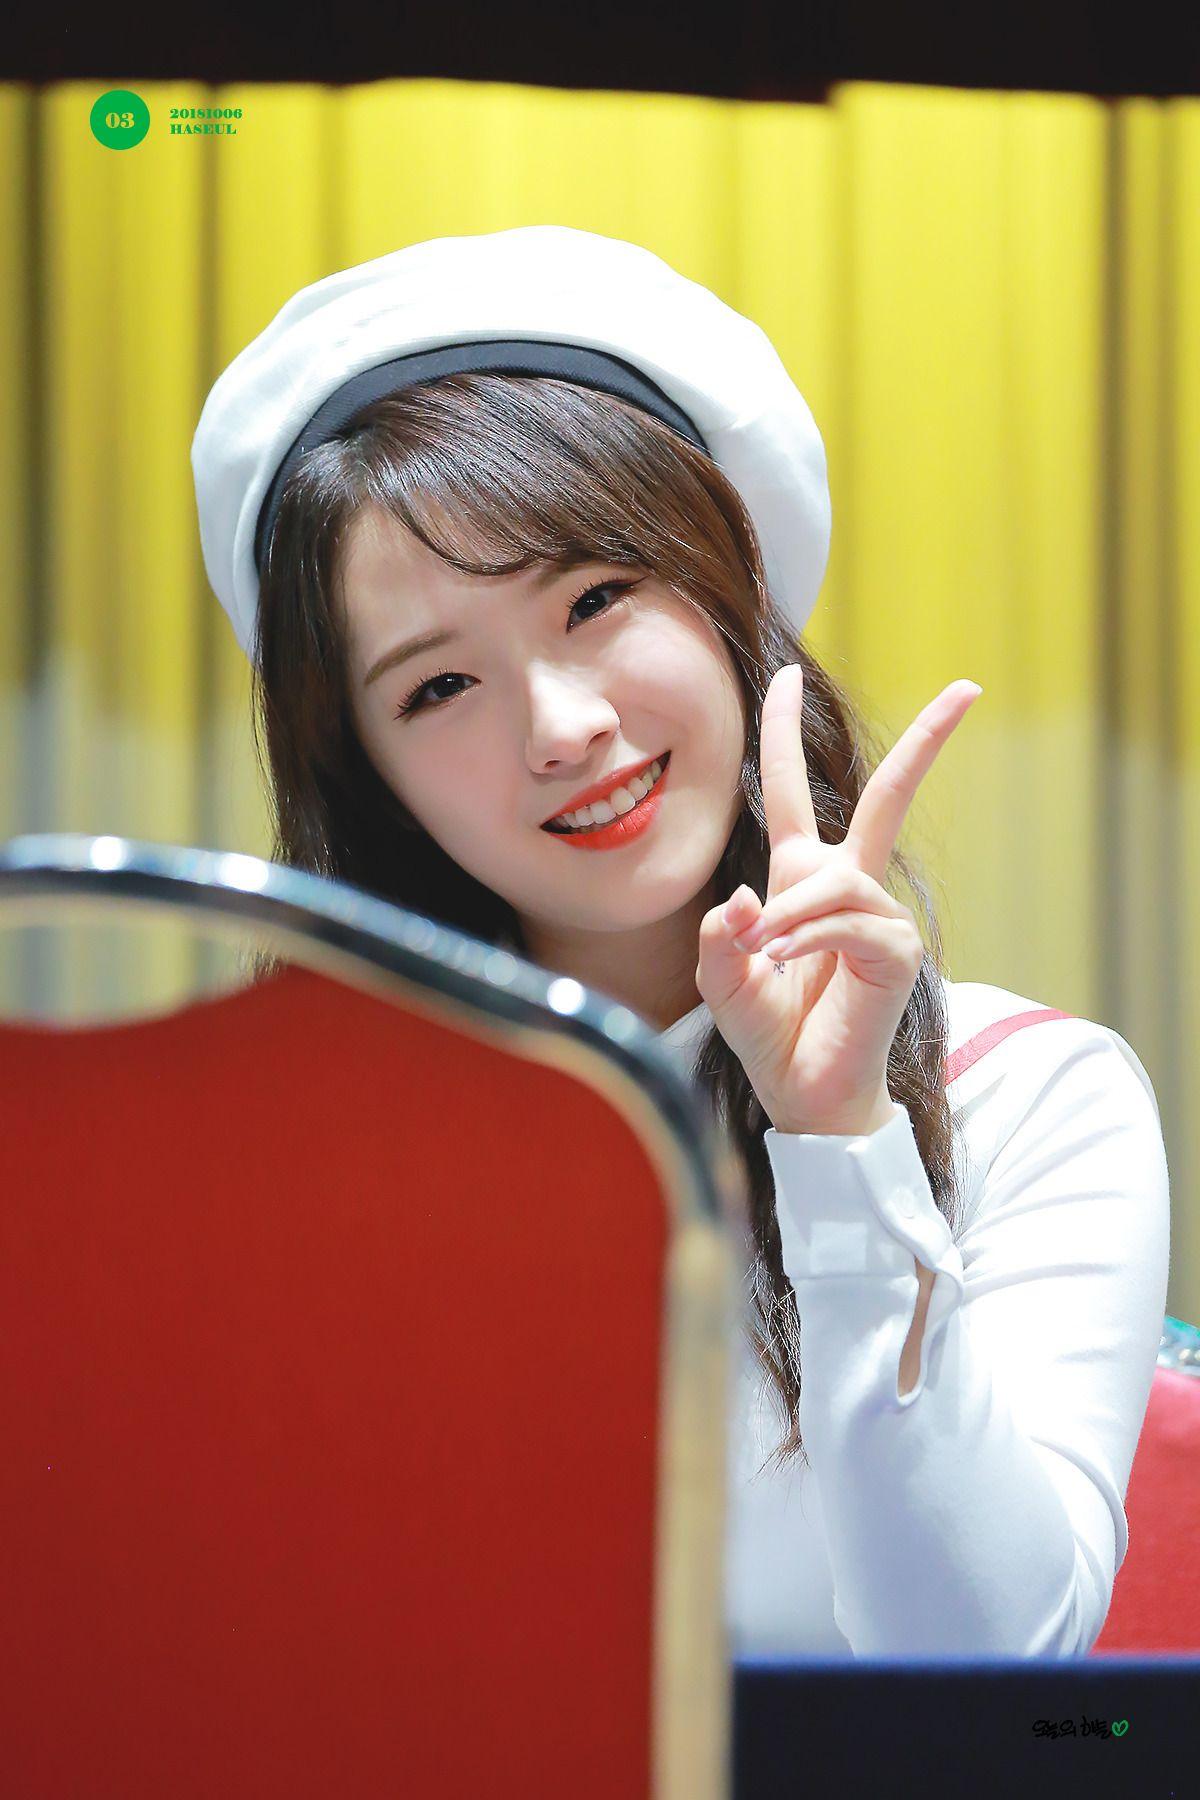 υηινєɾsє161010 「 📷 LOONA Jo Haseul 」 Kpop girls, Korean